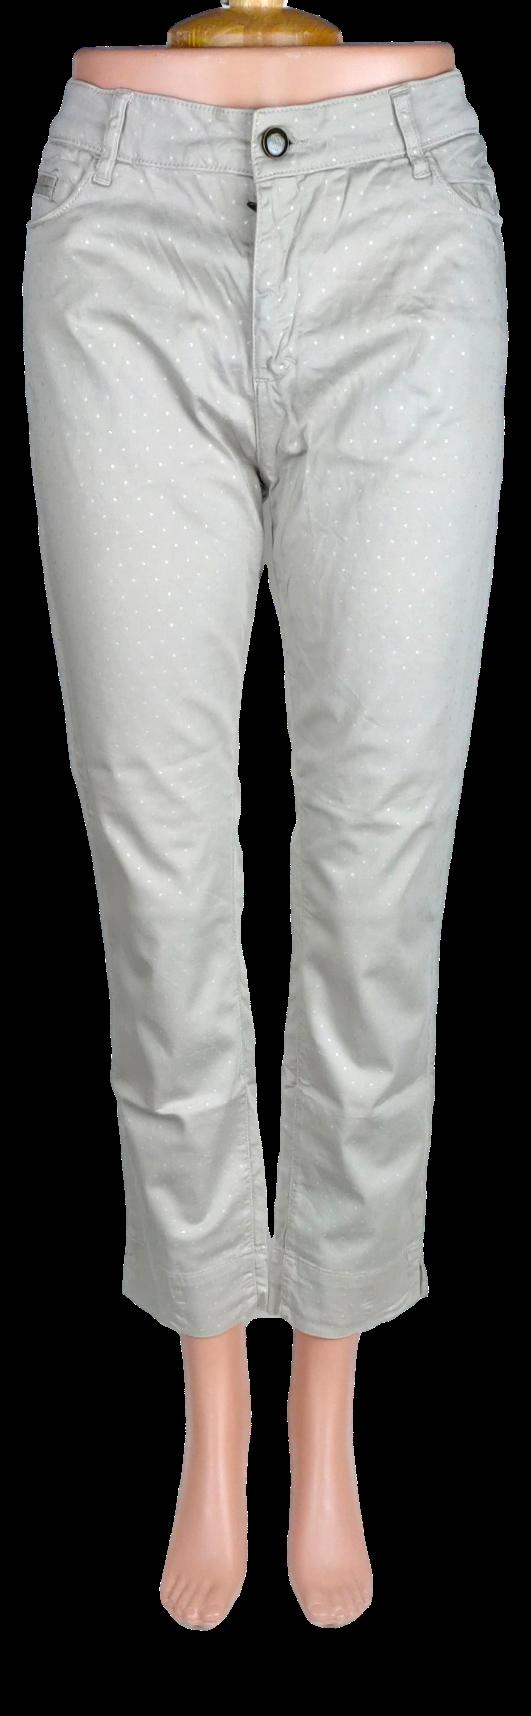 Pantalon Mayjune- Taille 38